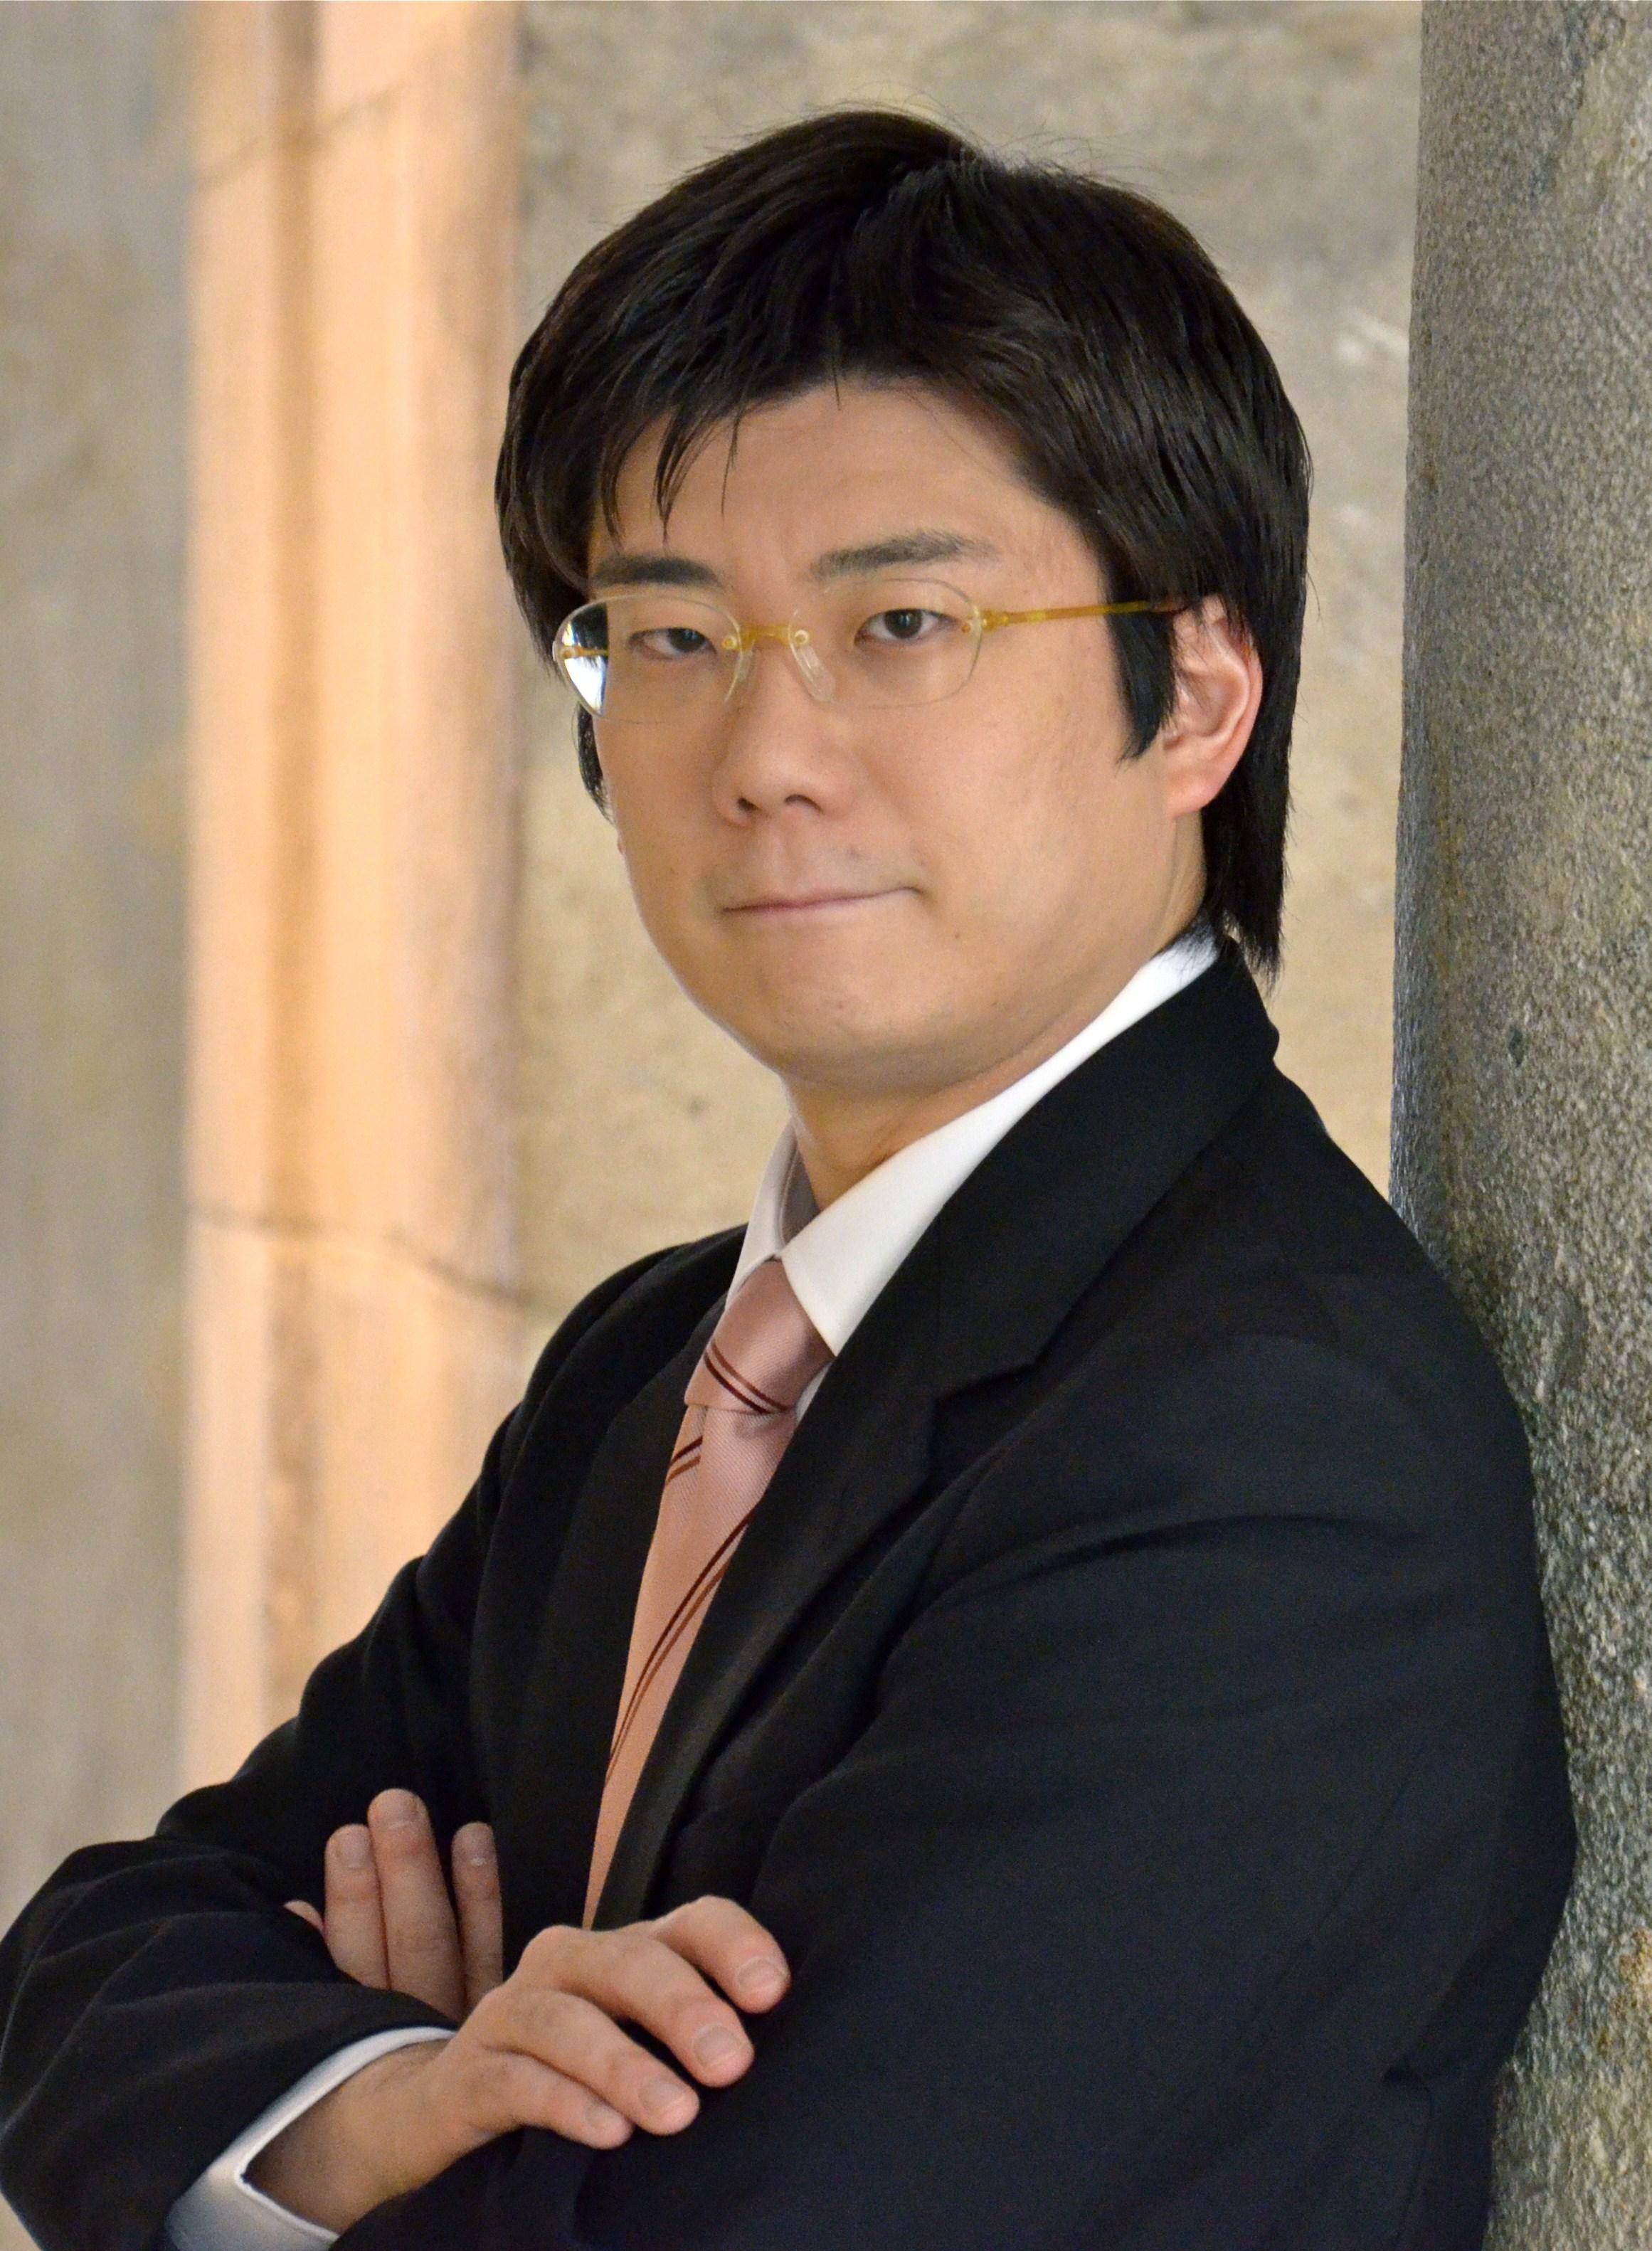 独特なレパートリー、そして室内楽での活躍で知られる佐藤卓史が第二ピアノを担当